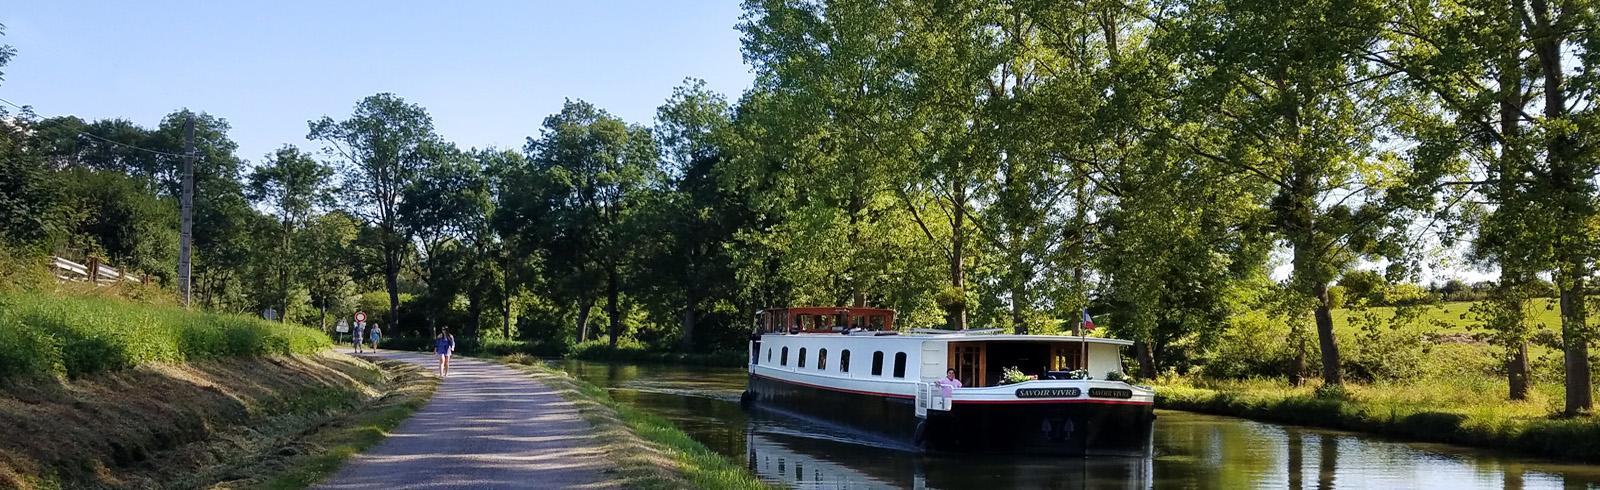 barge-savoir-vivre.jpg